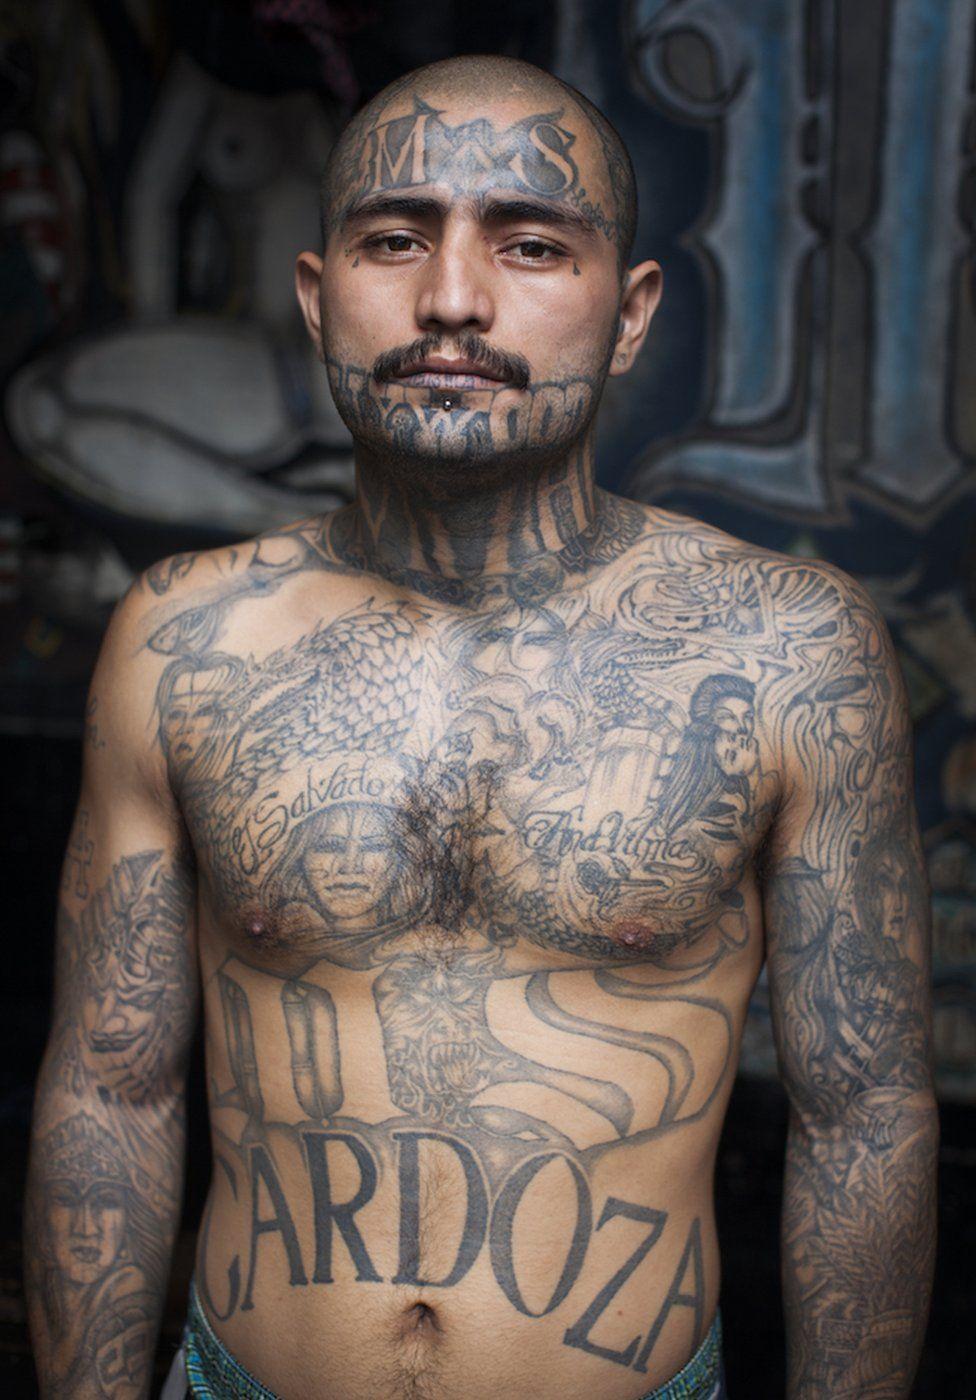 Portrait of a heavily tattooed inmate at the Centro Preventivo y de Cumplimiento de Penas Ciudad Barrios taken by Adam Hinton in 2013.